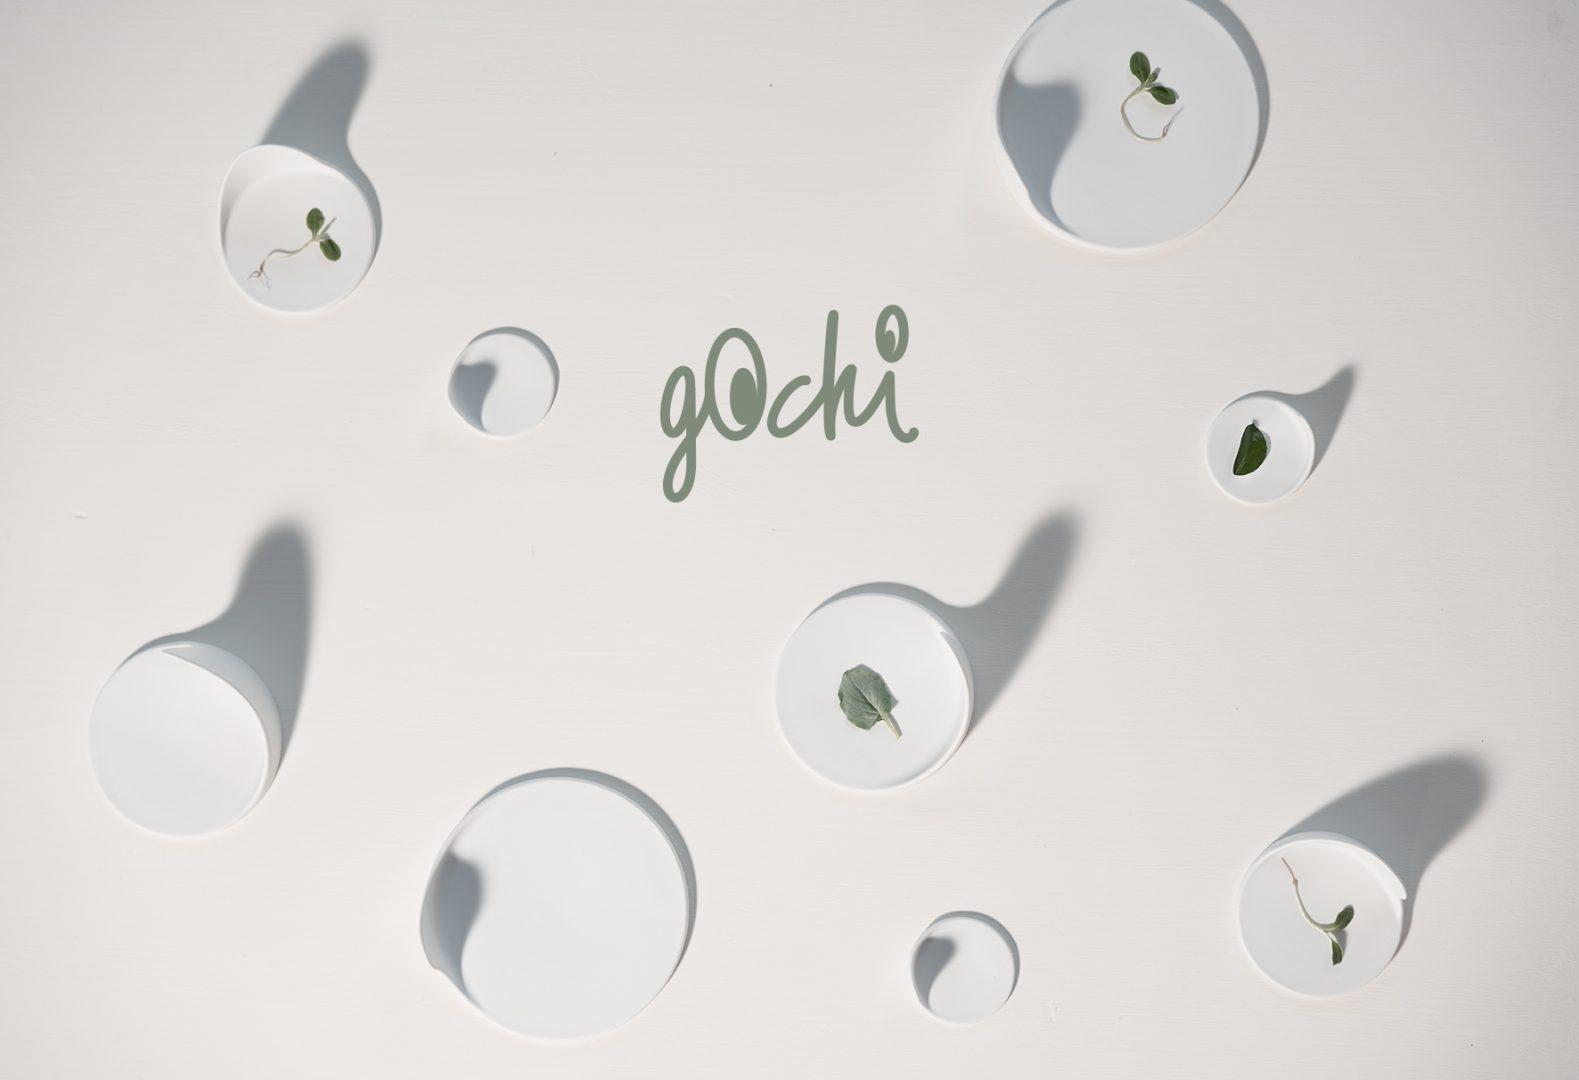 Gochi - nieuw van Cookplay